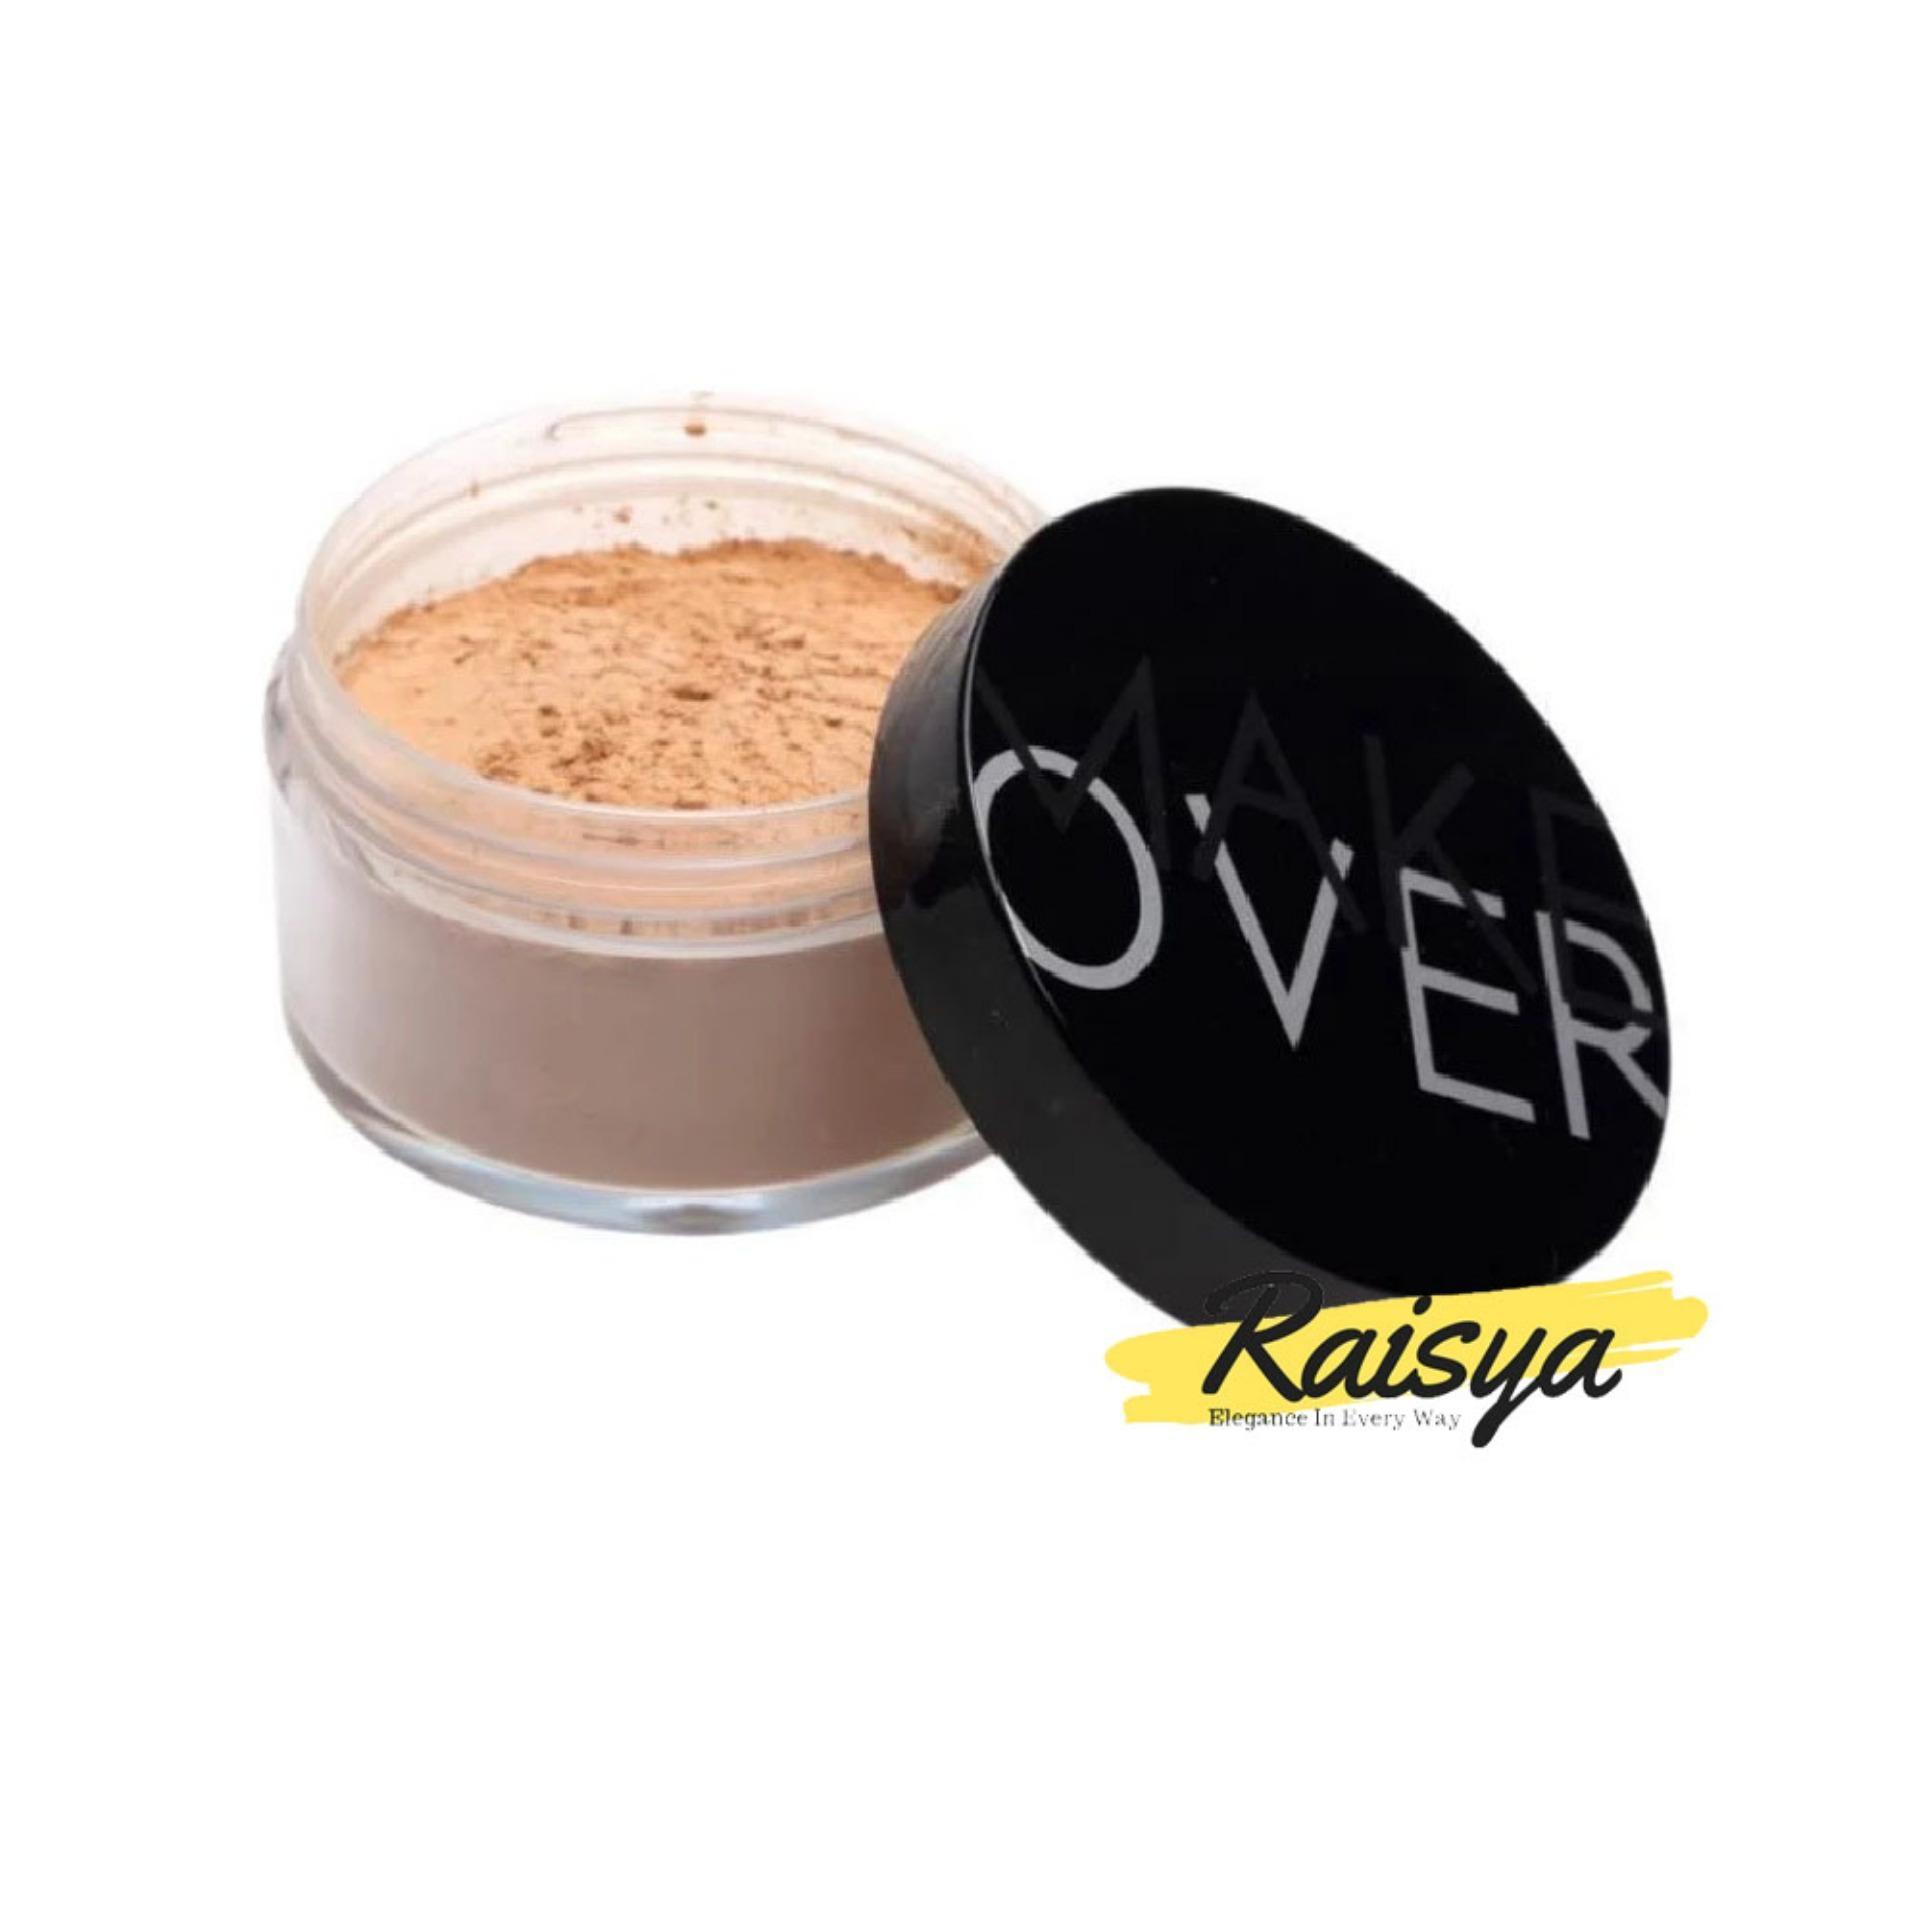 Make Over Silky Smooth Translucent Powder - No. 02 Rosy - Original